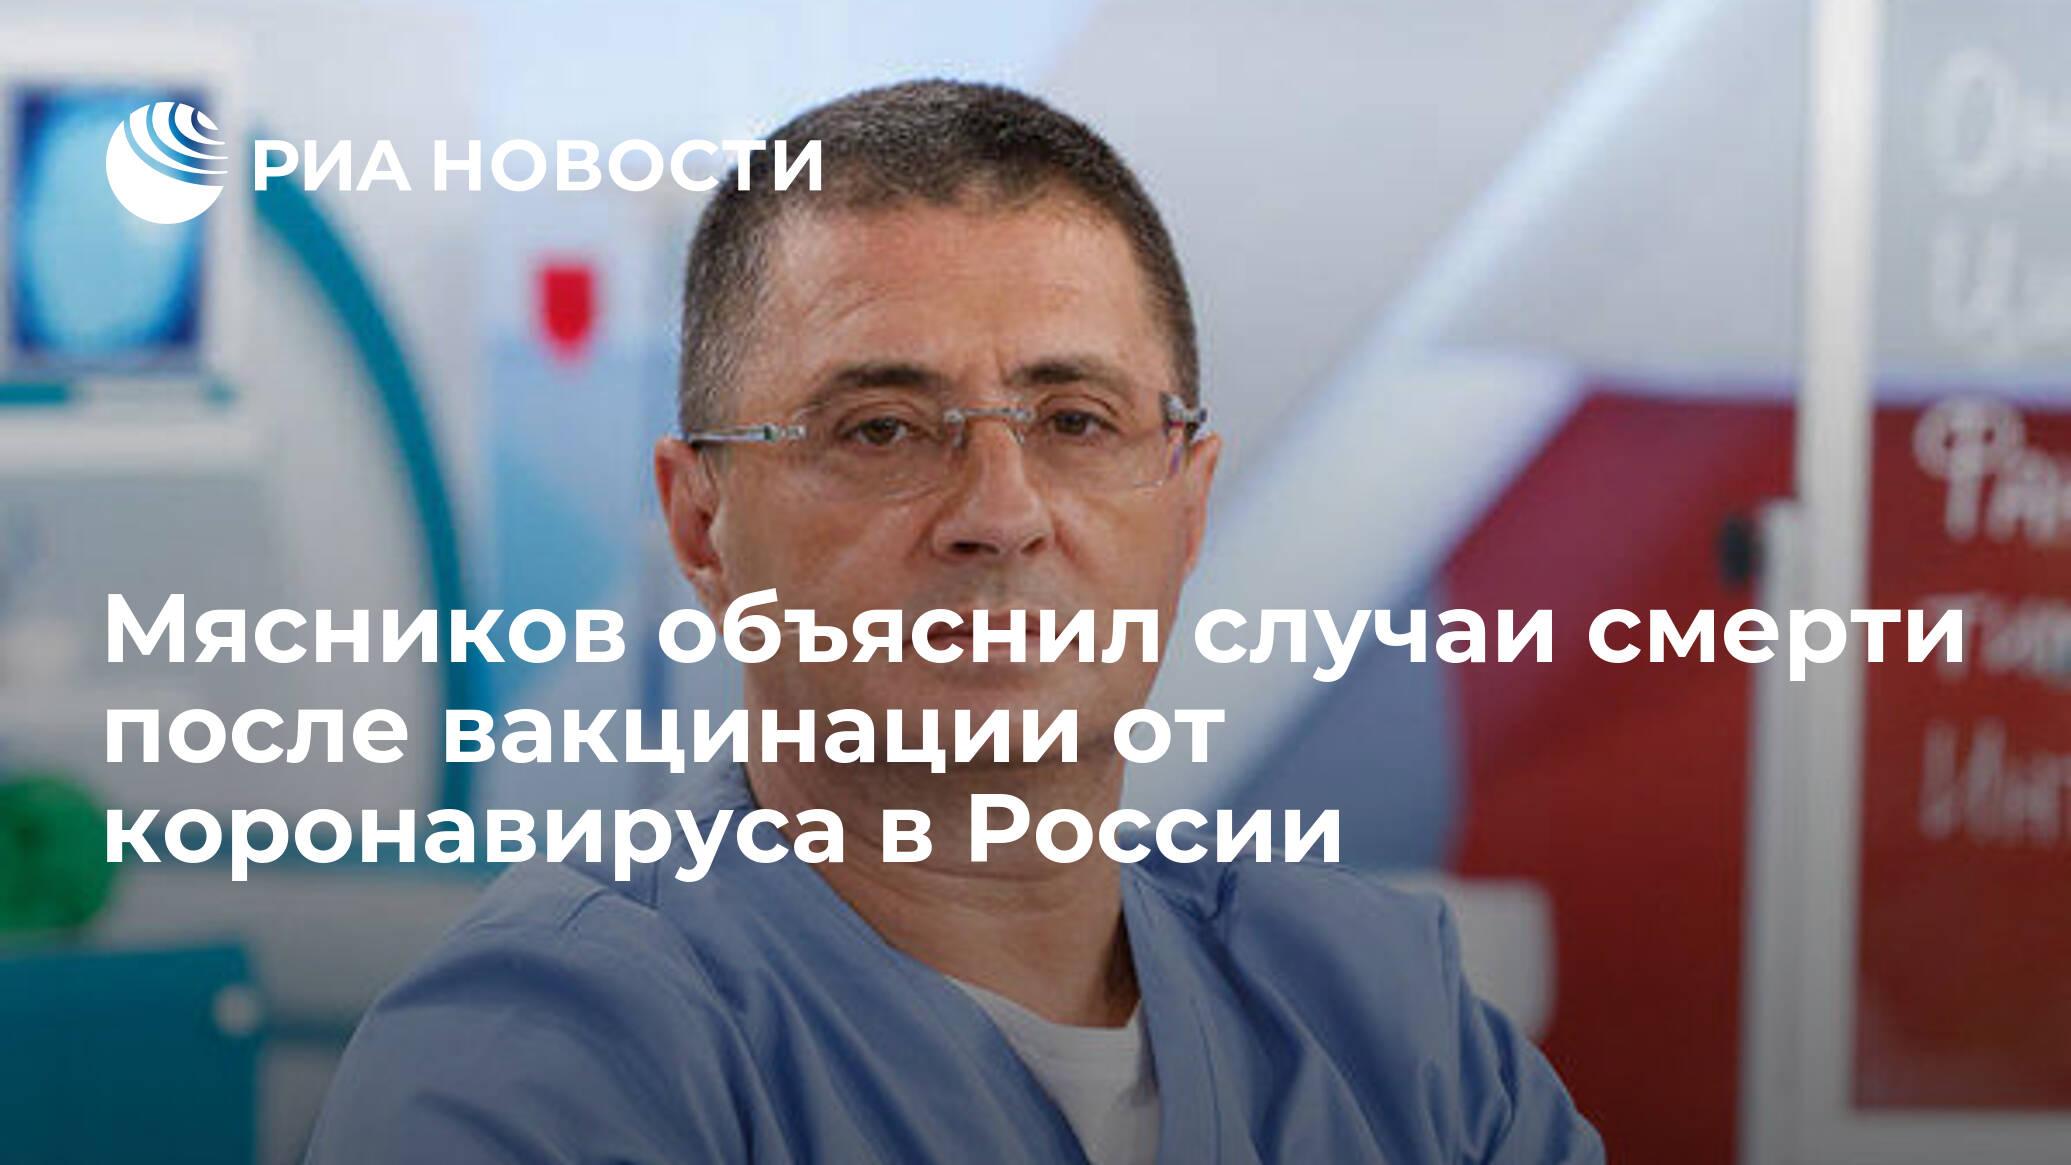 Мясников объяснил случаи смерти после вакцинации от коронавируса в России